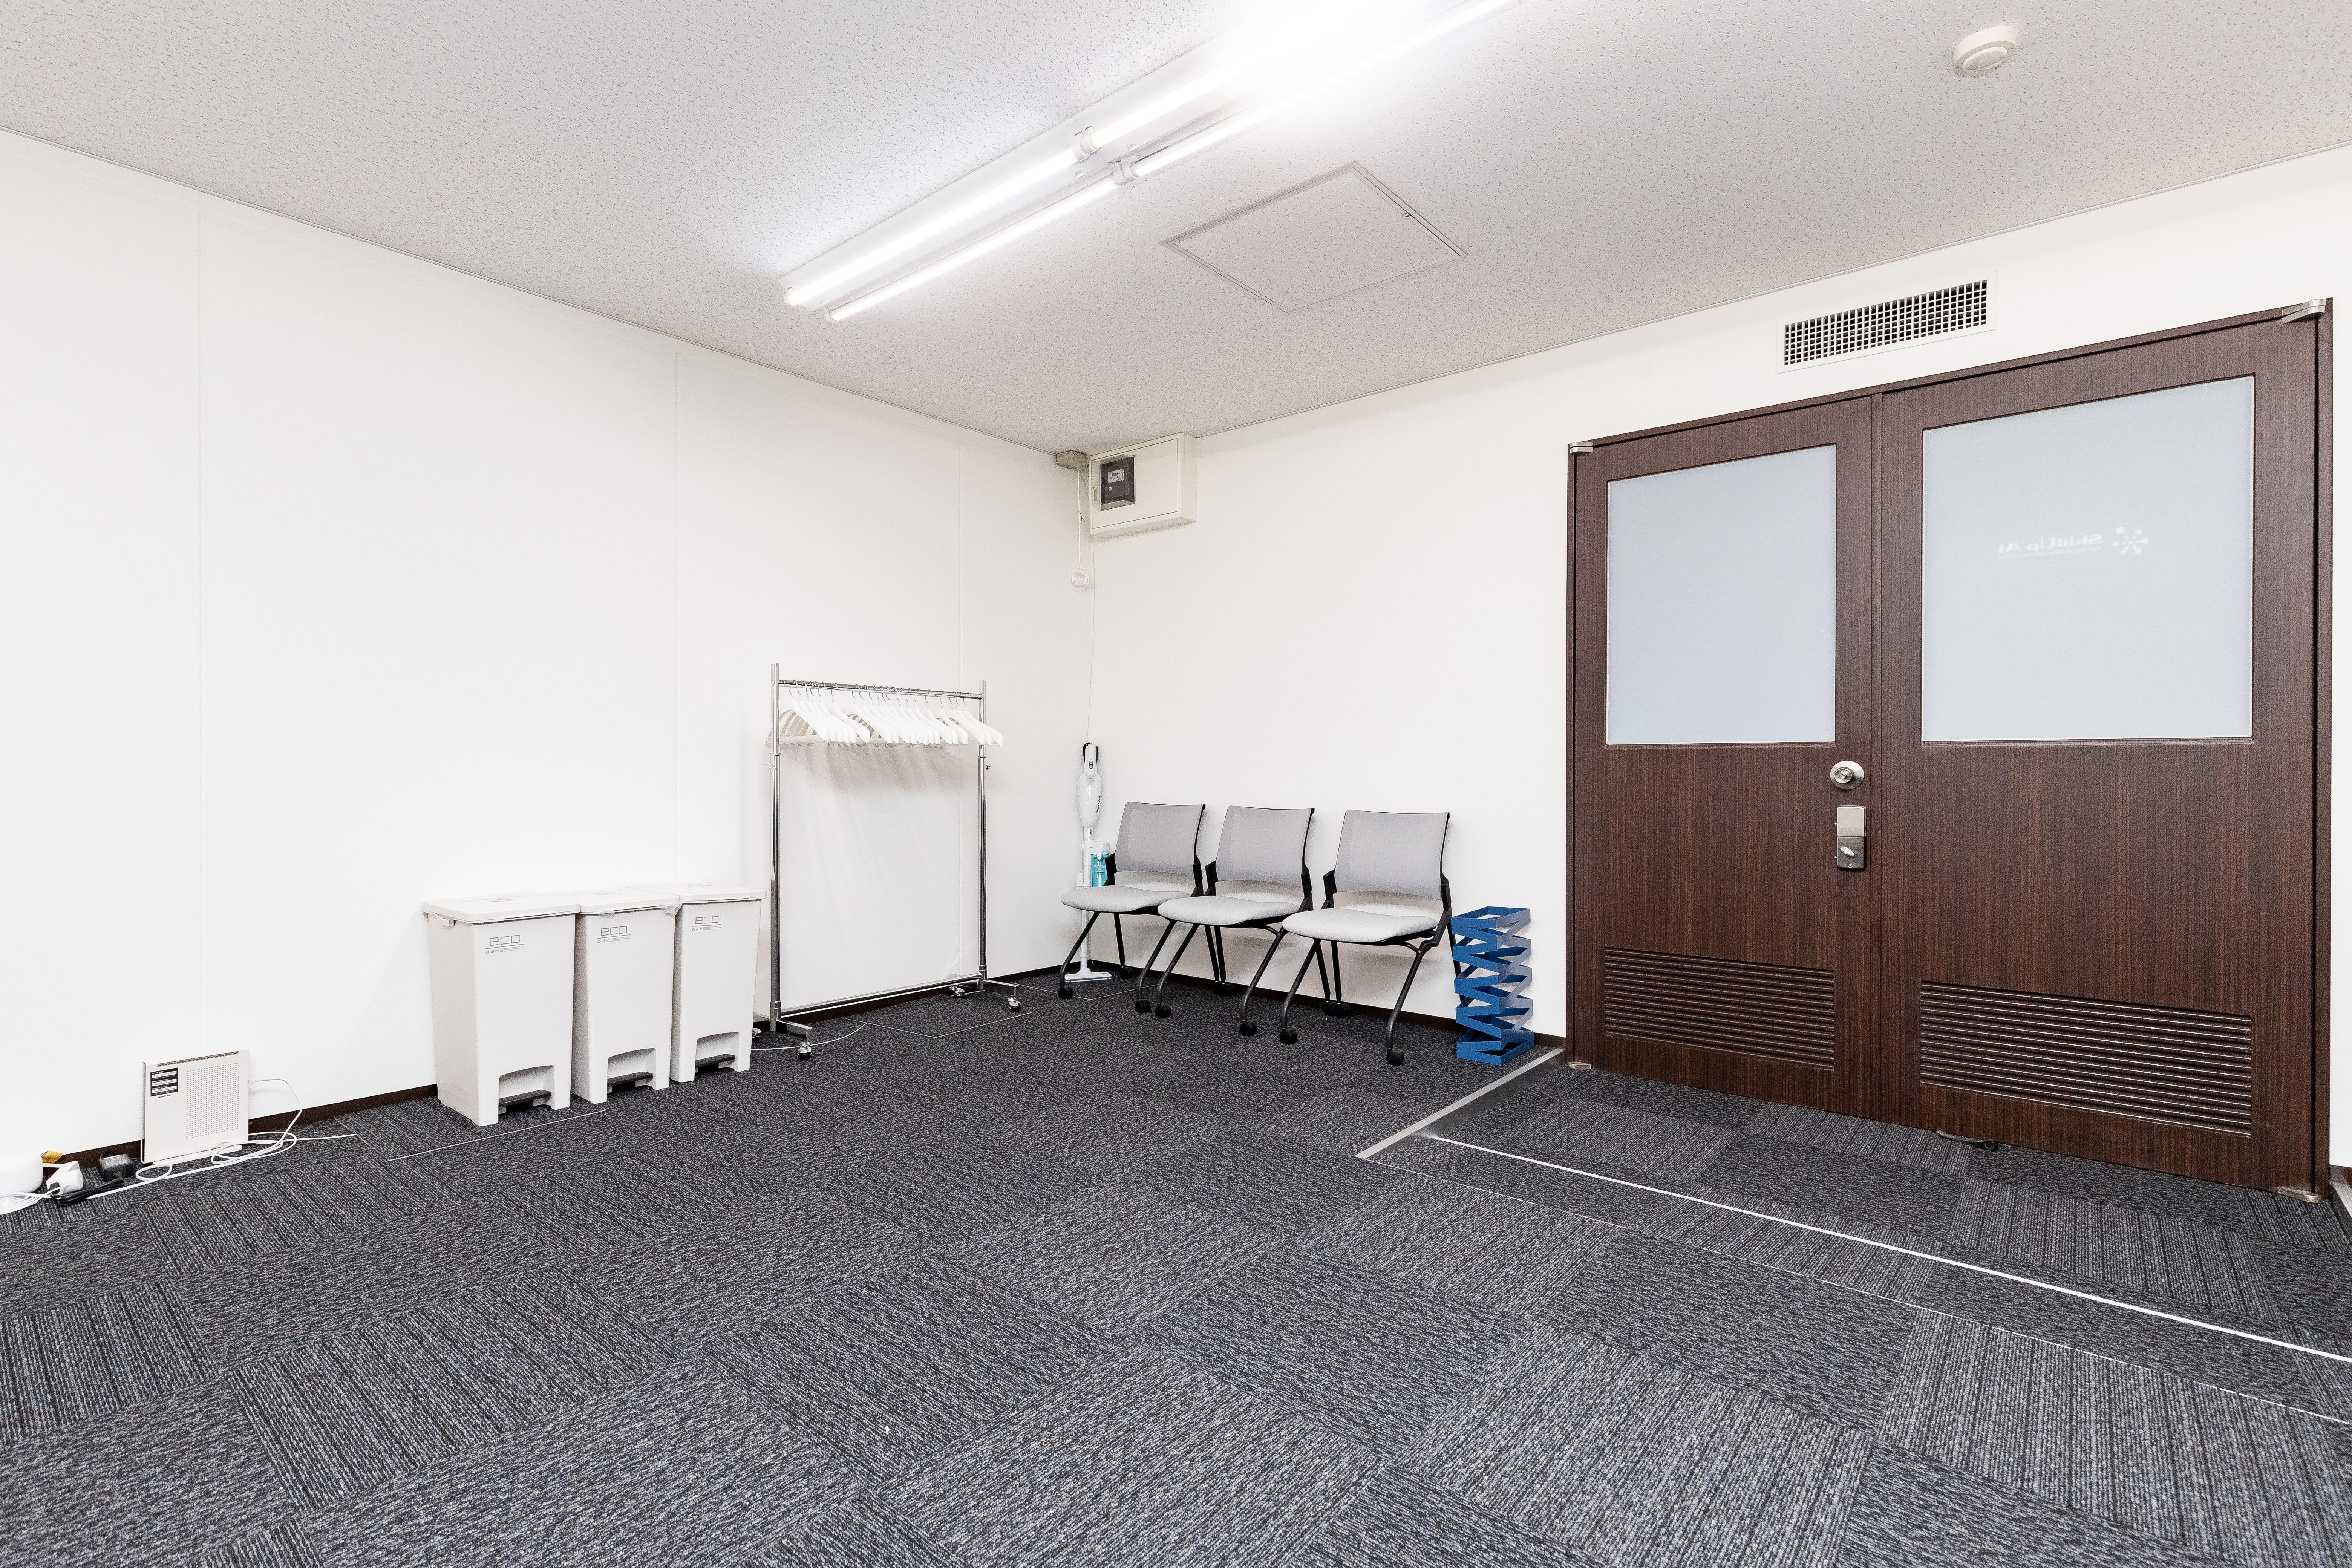 広々とお使いいただけます。 - 大阪駅前第1ビル 6F 5-2 会議室の室内の写真